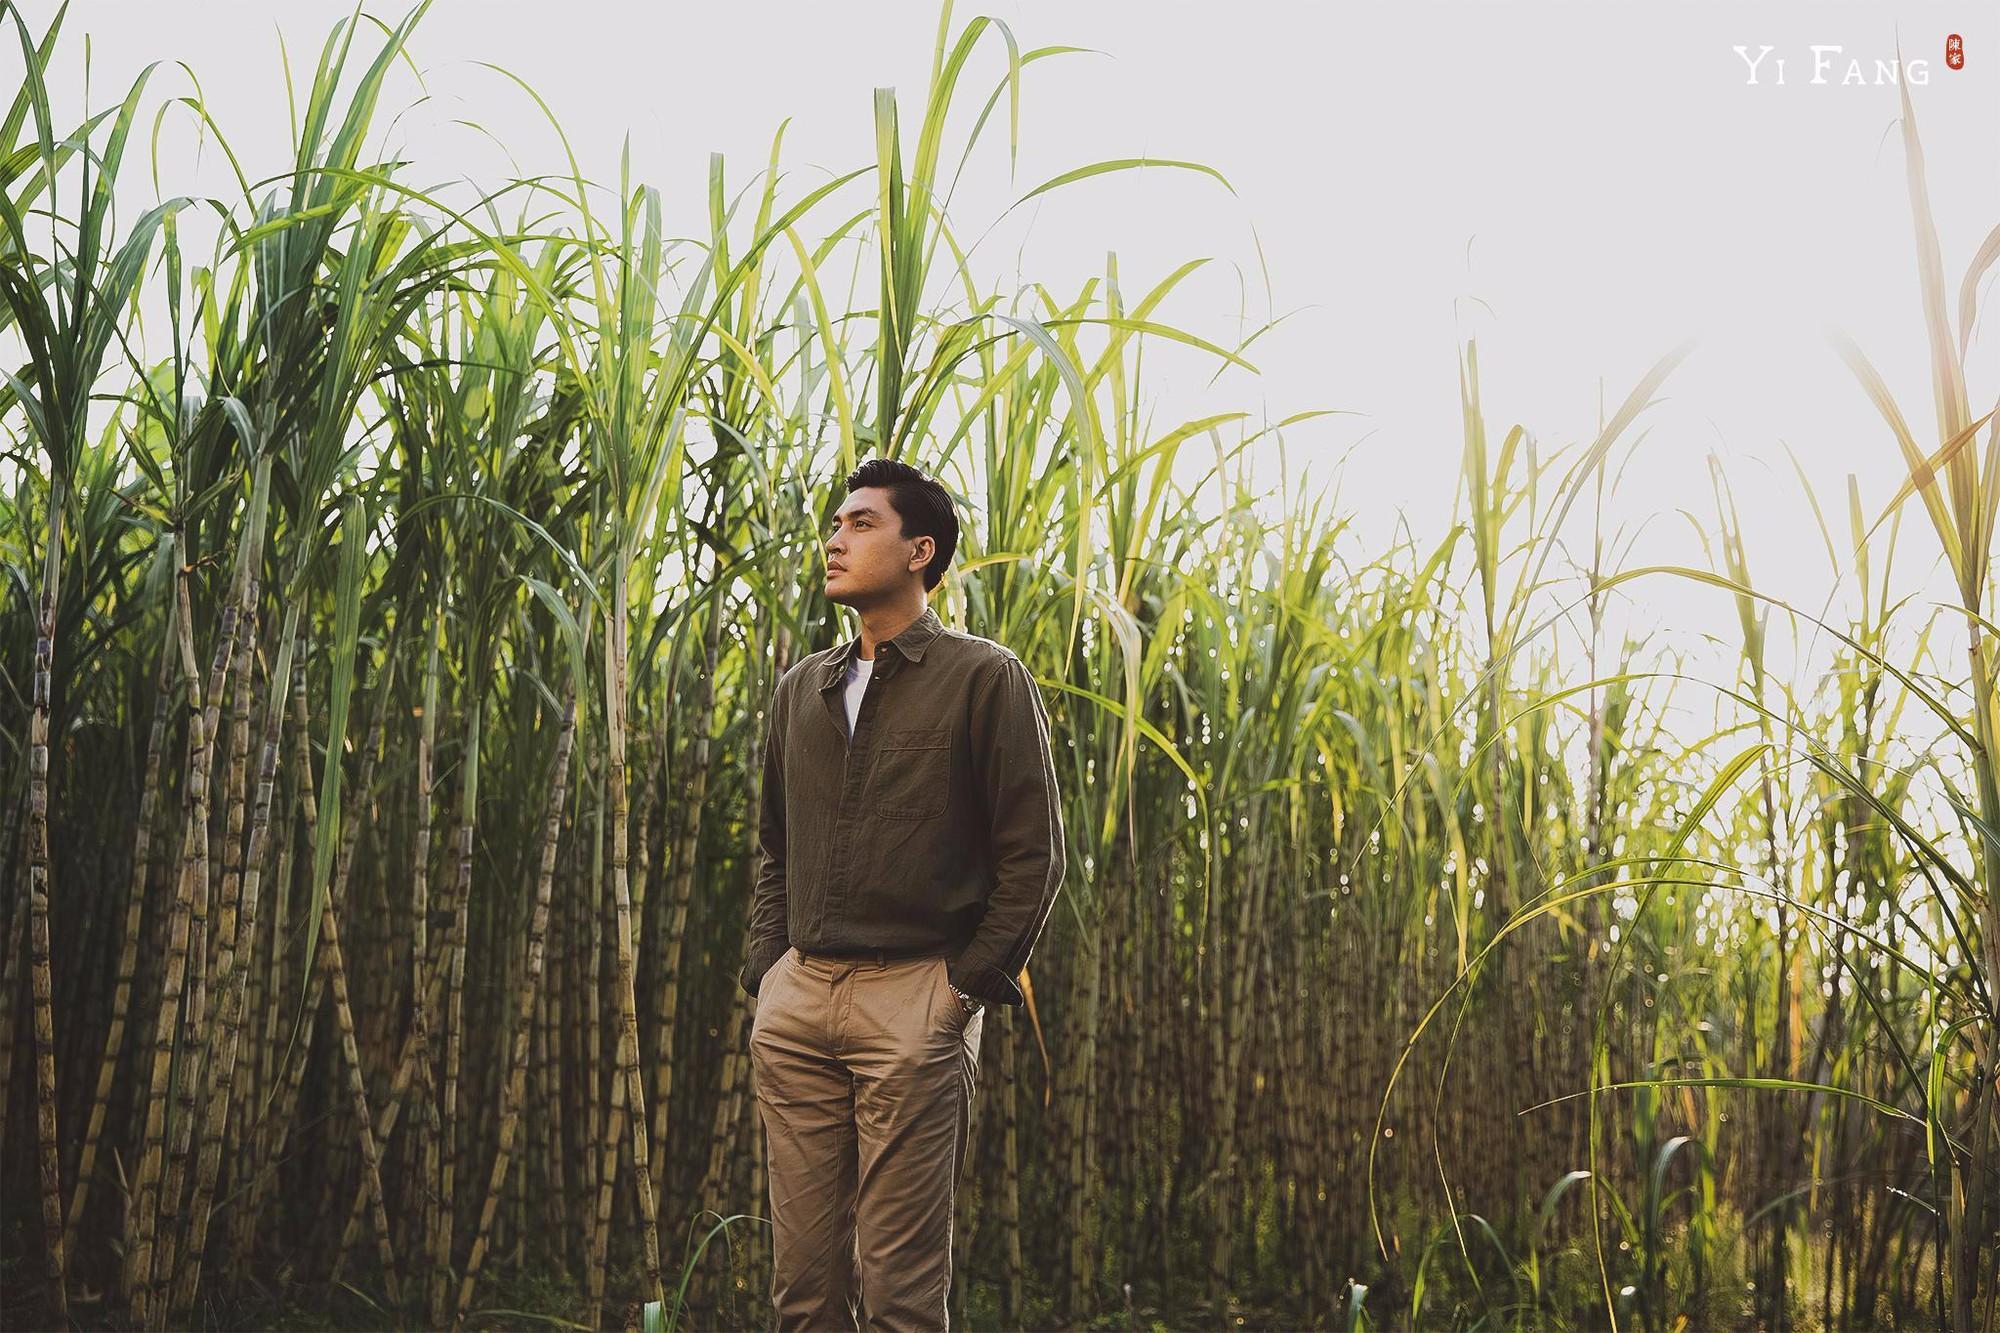 Cùng Quang Đại khám phá Đài Loan qua 3 vị trà xanh mía tuyệt phẩm của Yifang - Ảnh 3.